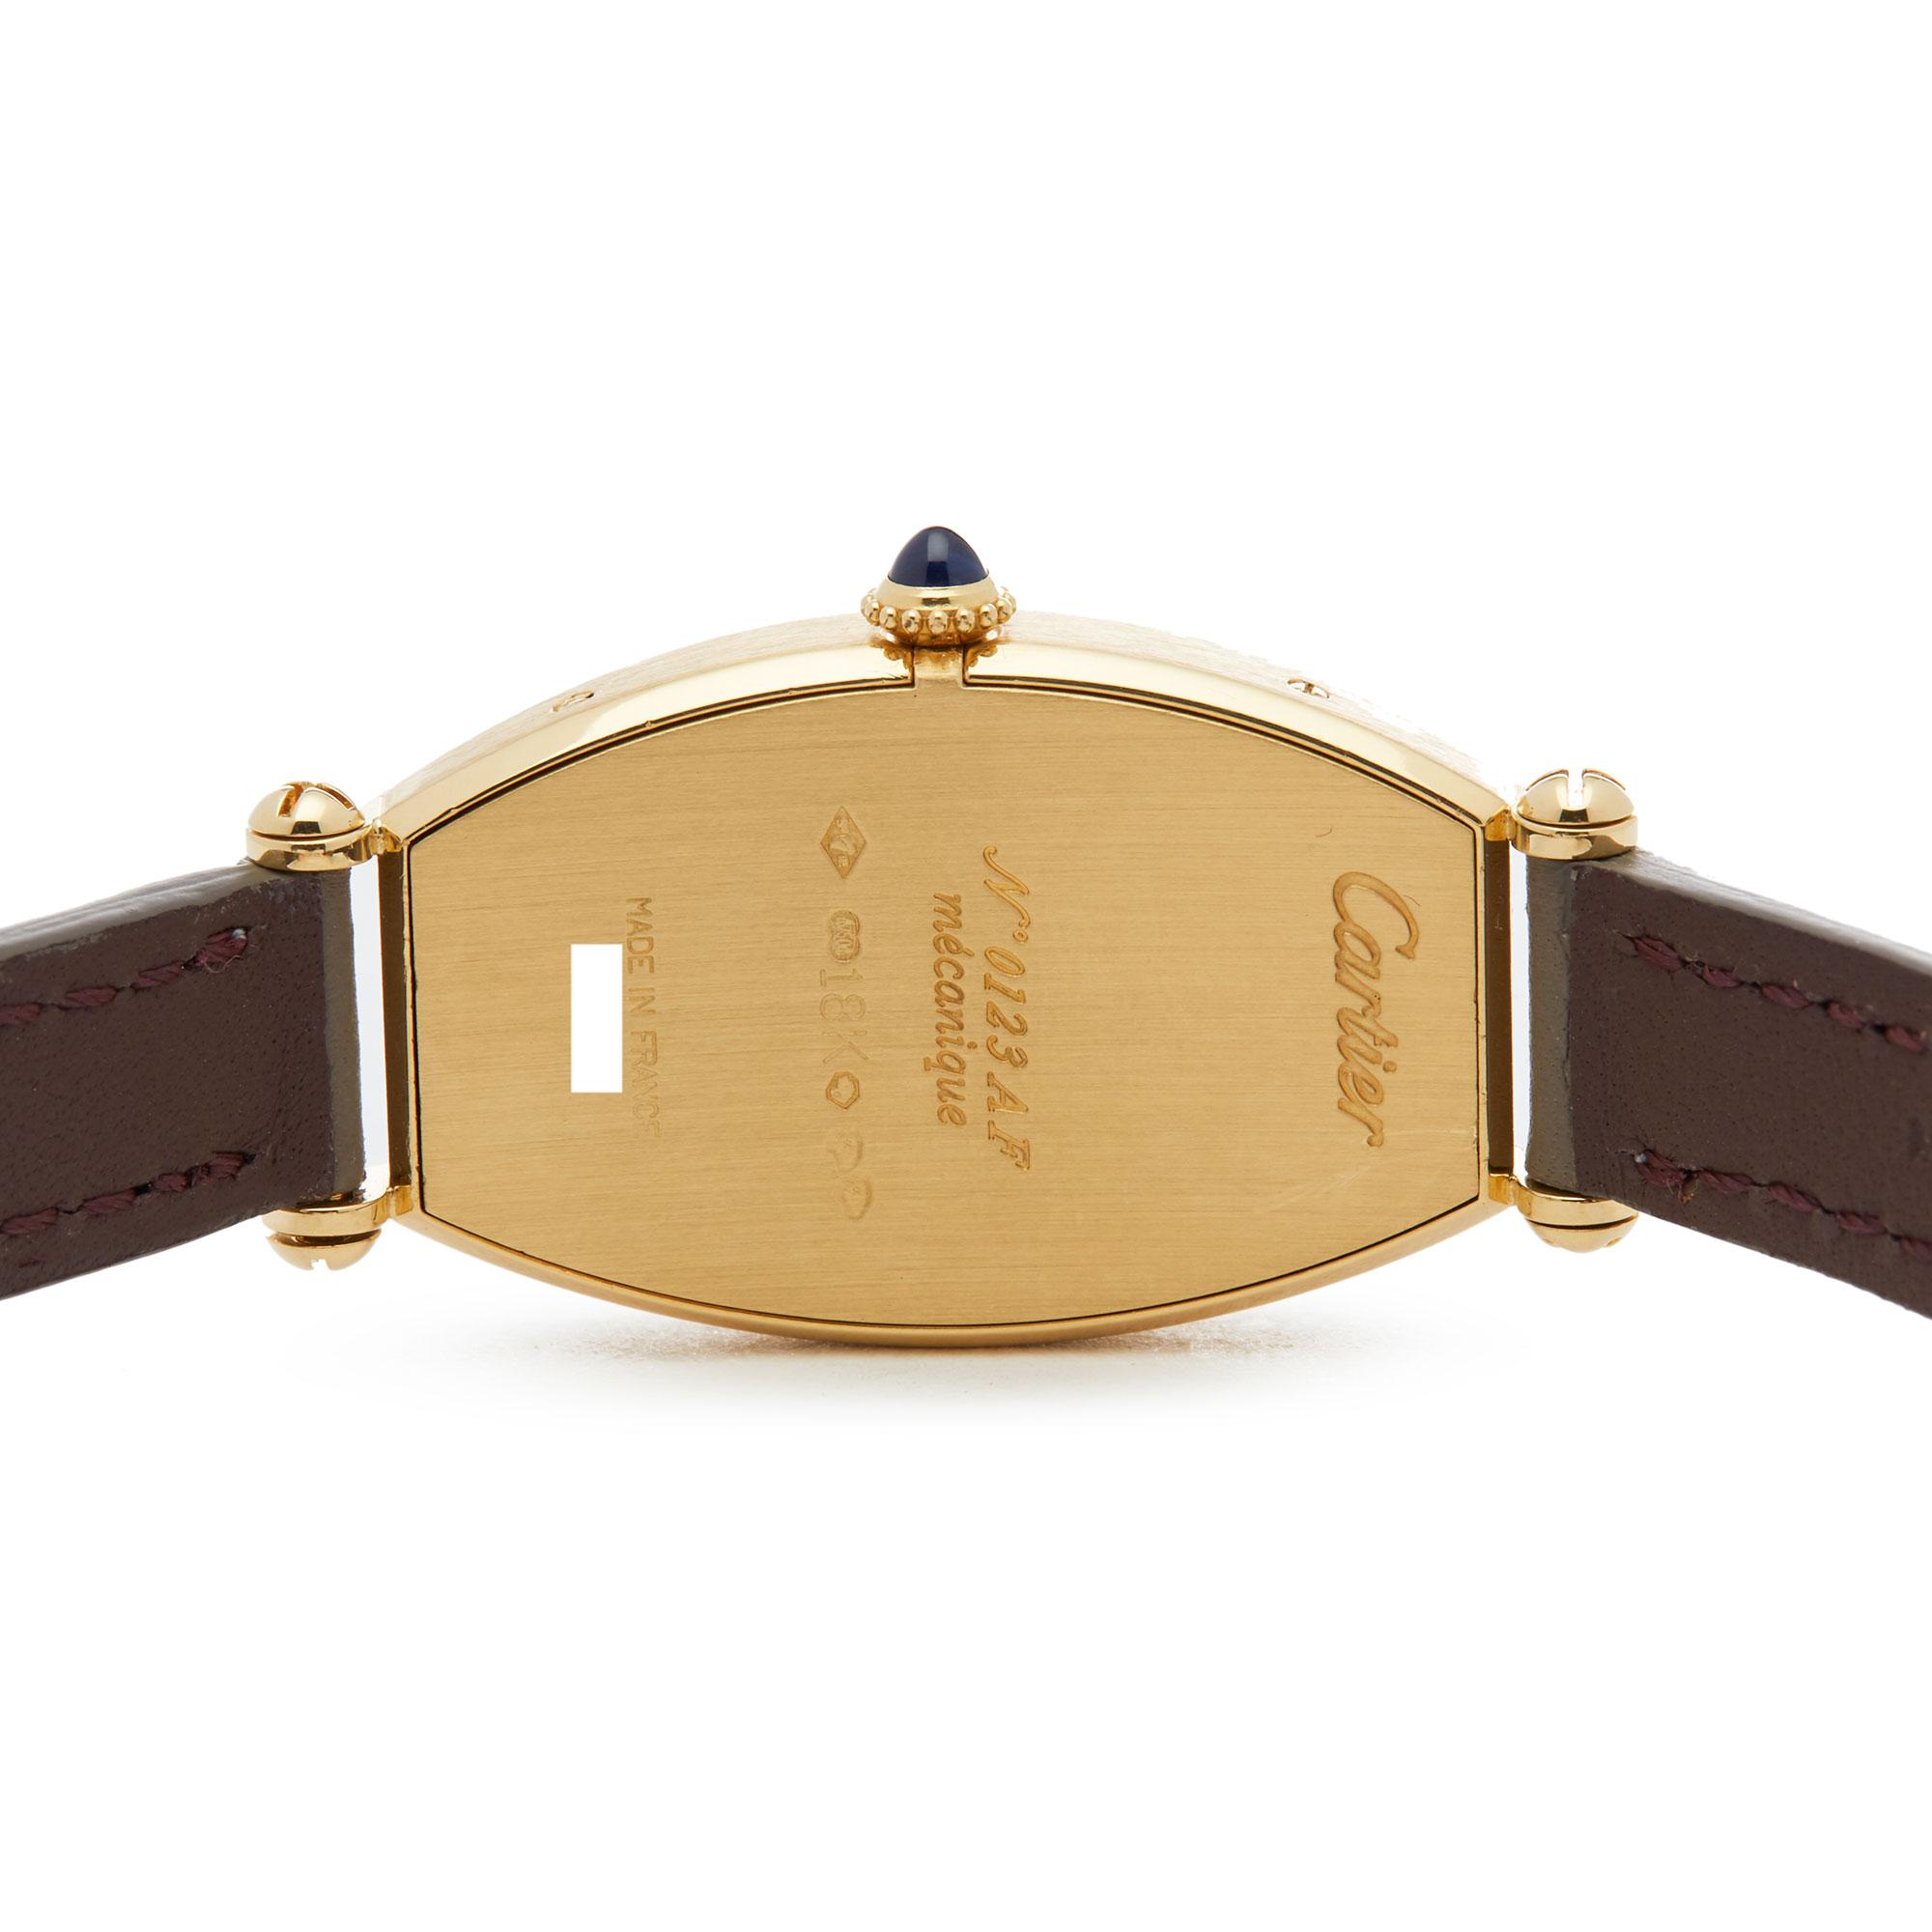 Cartier Tonneau 2451B Ladies Yellow Gold Mecanique Watch - Image 4 of 8